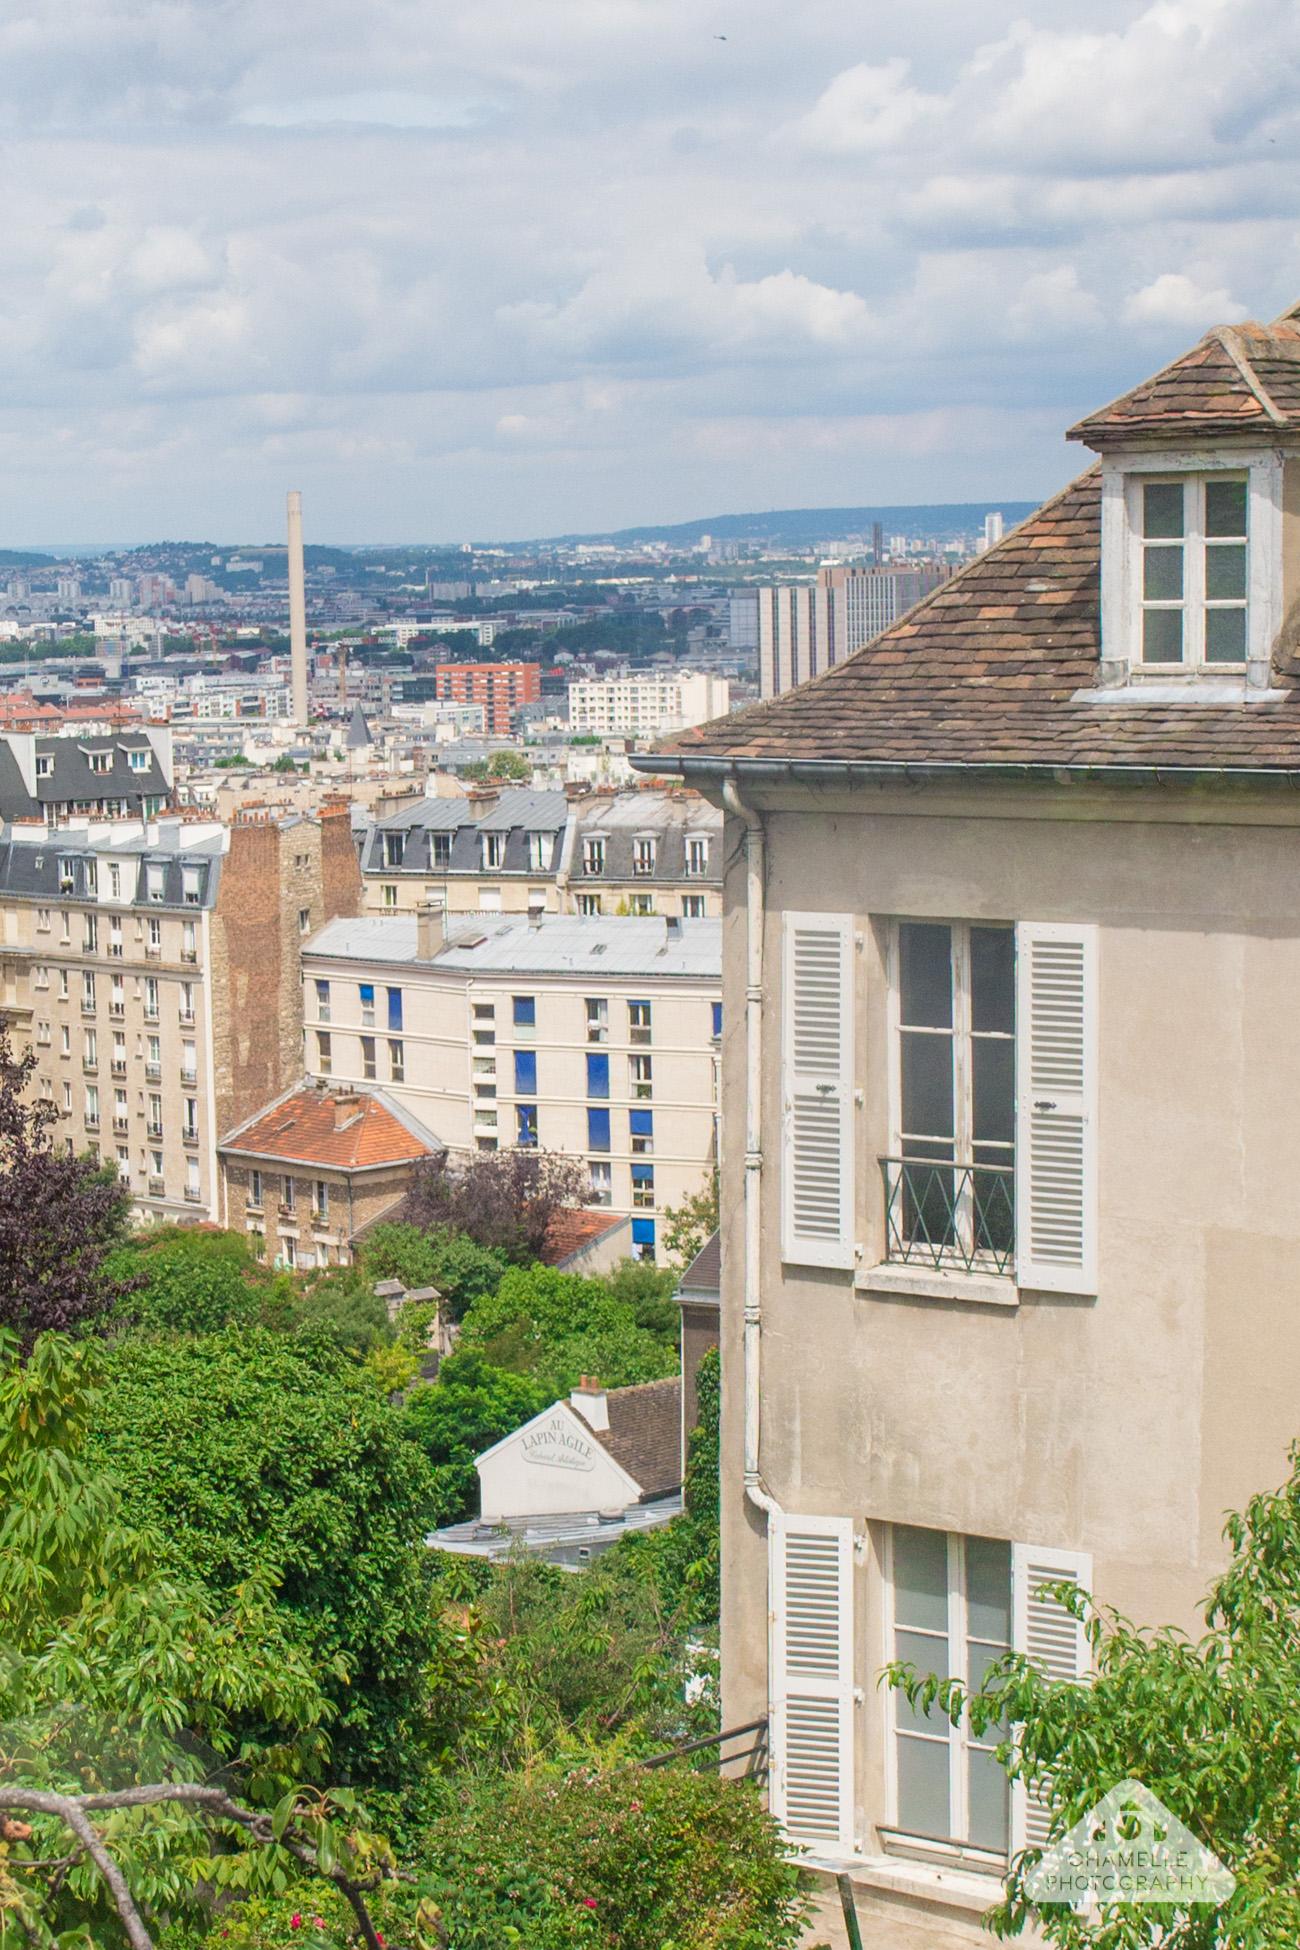 Van Gogh Montmartre Paris Chamelle Photography travel blog